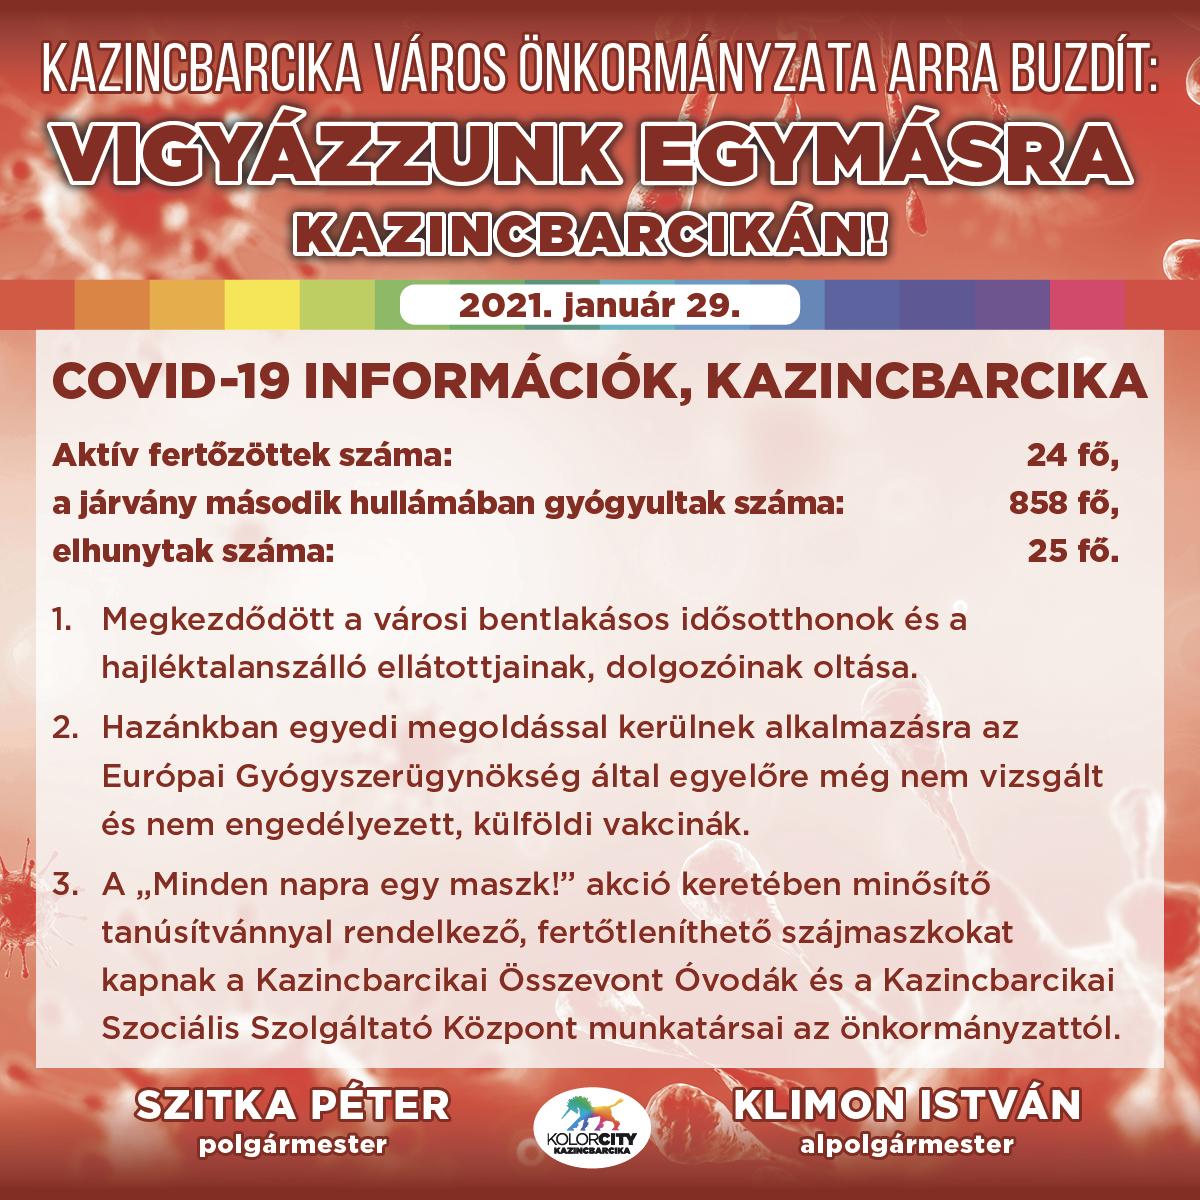 https://kolorline.hu/Vigyázzunk egymásra Kazincbarcikán! – 2021. január 29.